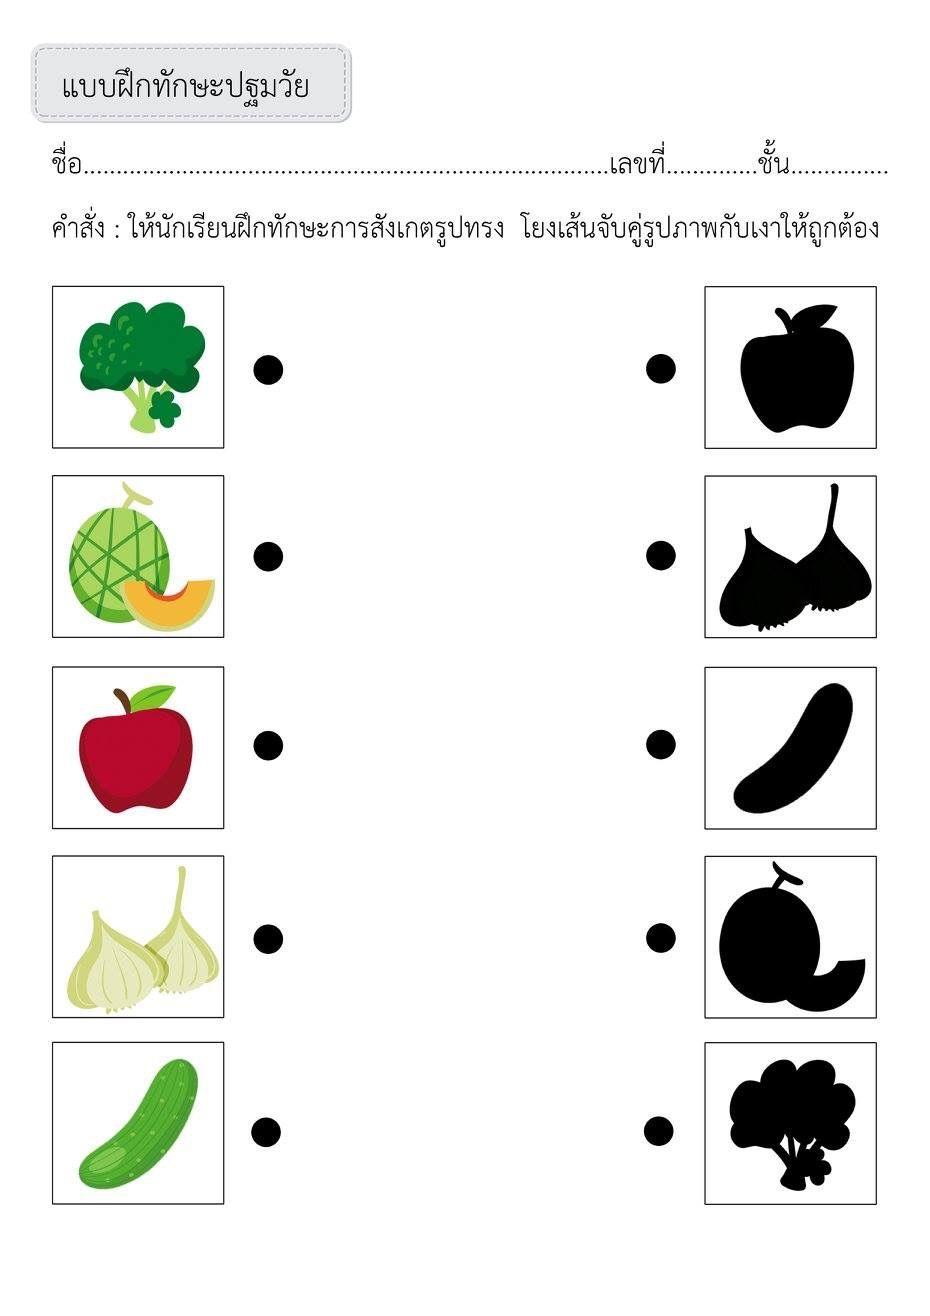 ป กพ นโดย Nutkamon Apiwattanasorn ใน ภาษาไทย บ ตรคำ การสอน อน บาล